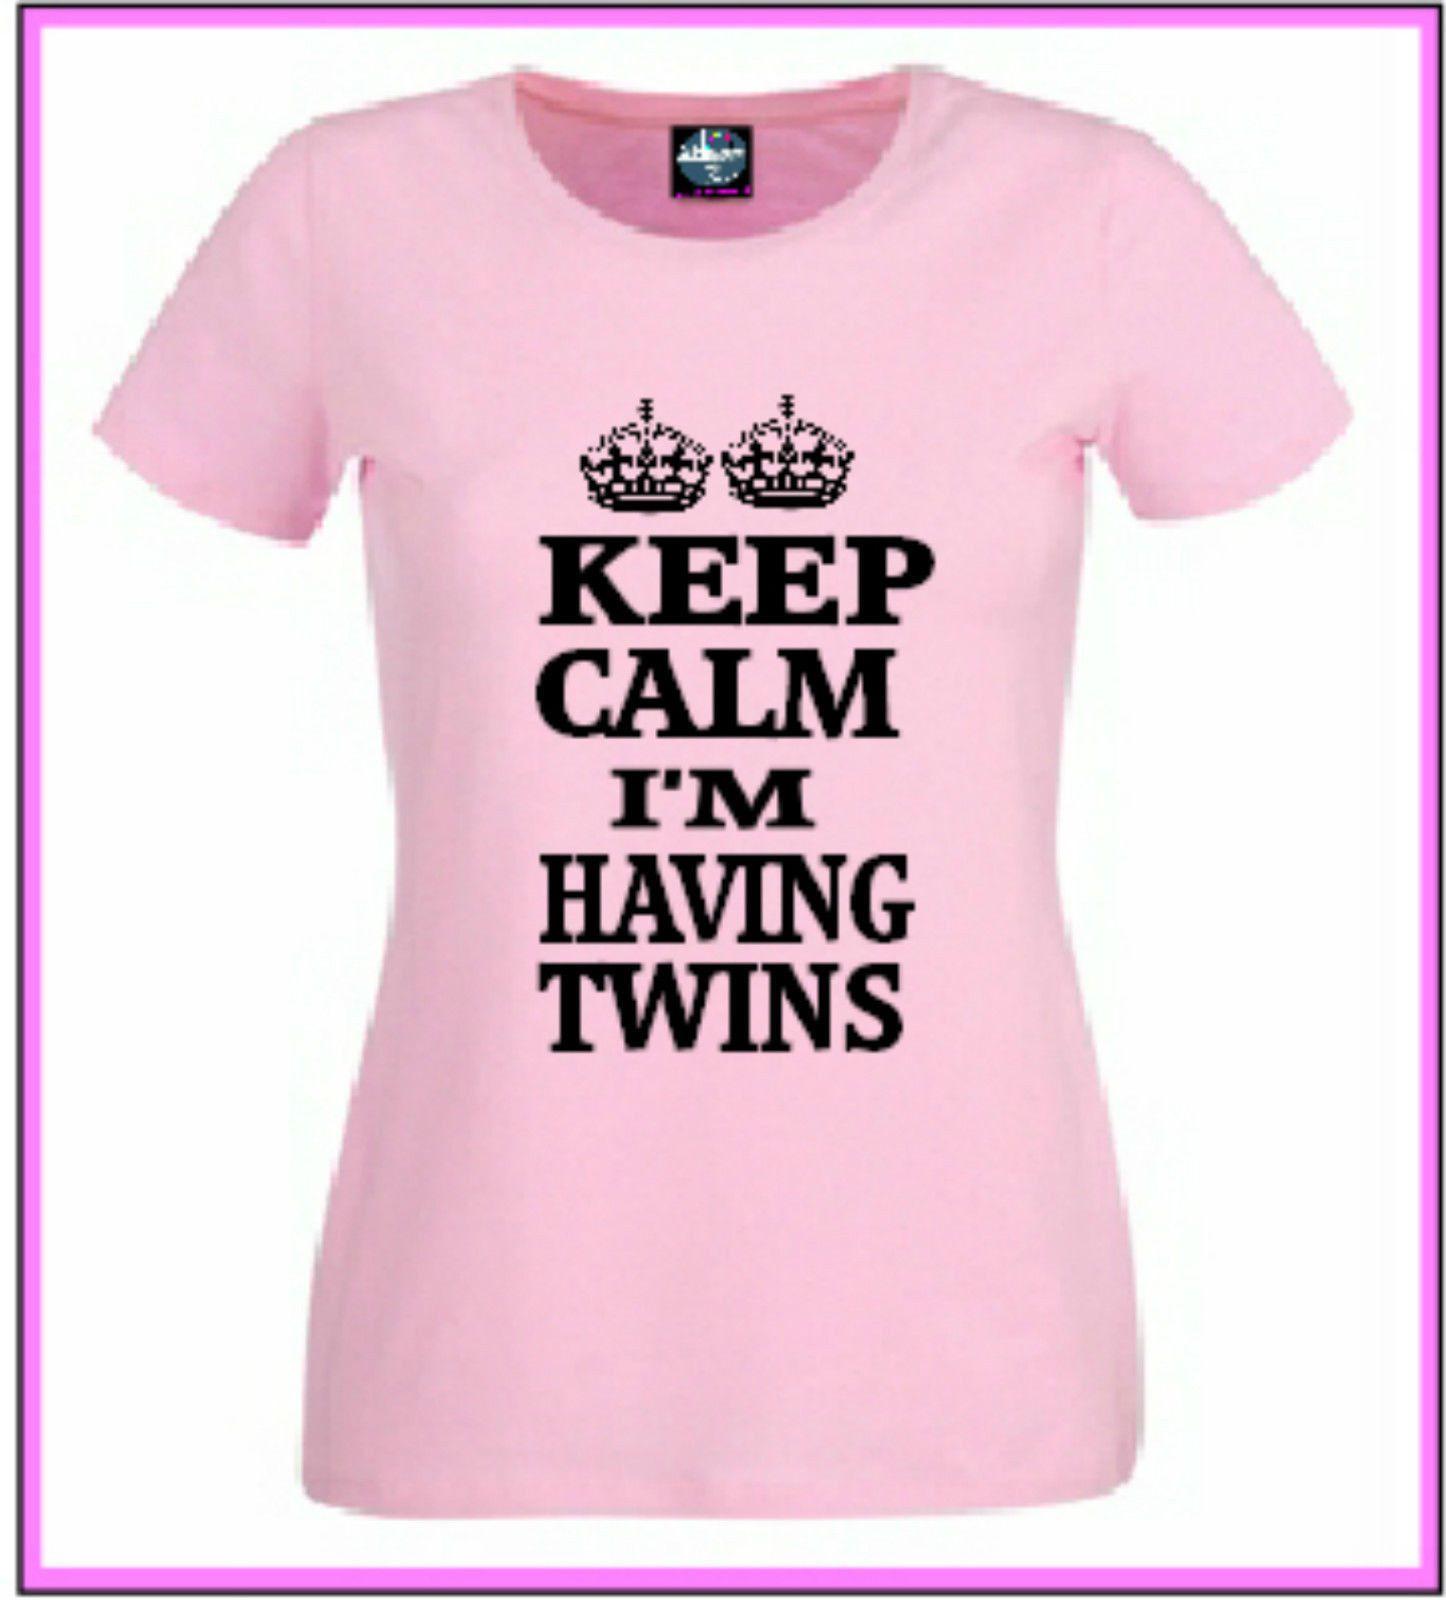 f2f8fbbc81891 Twins T Shirts Baby - DREAMWORKS